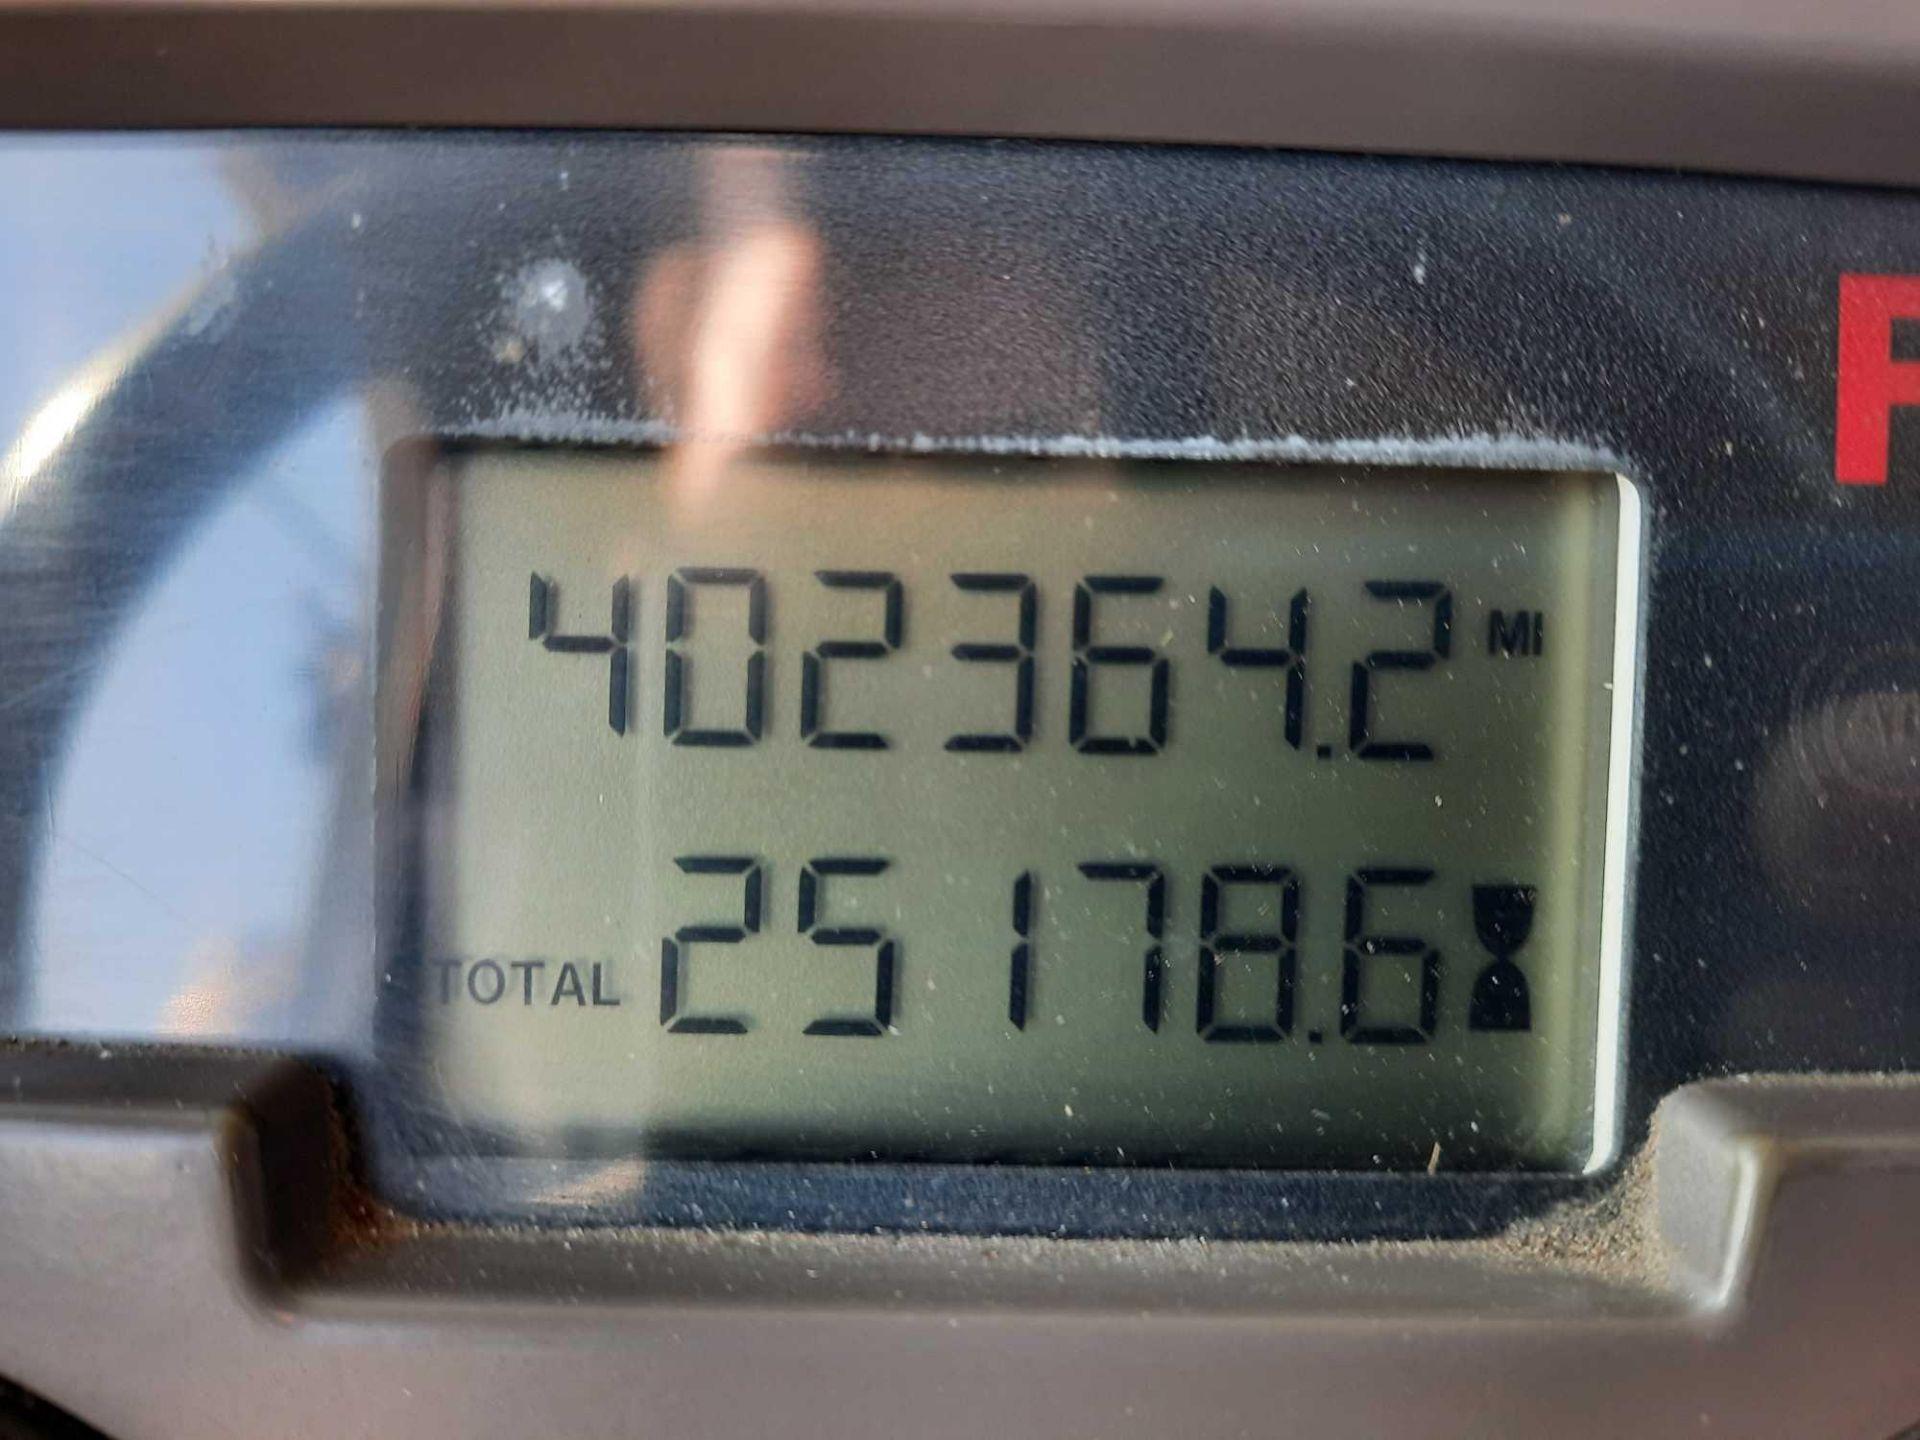 2004 MACK GRANITE CU713 SEPTIC TANKER TRUCK - Image 5 of 28